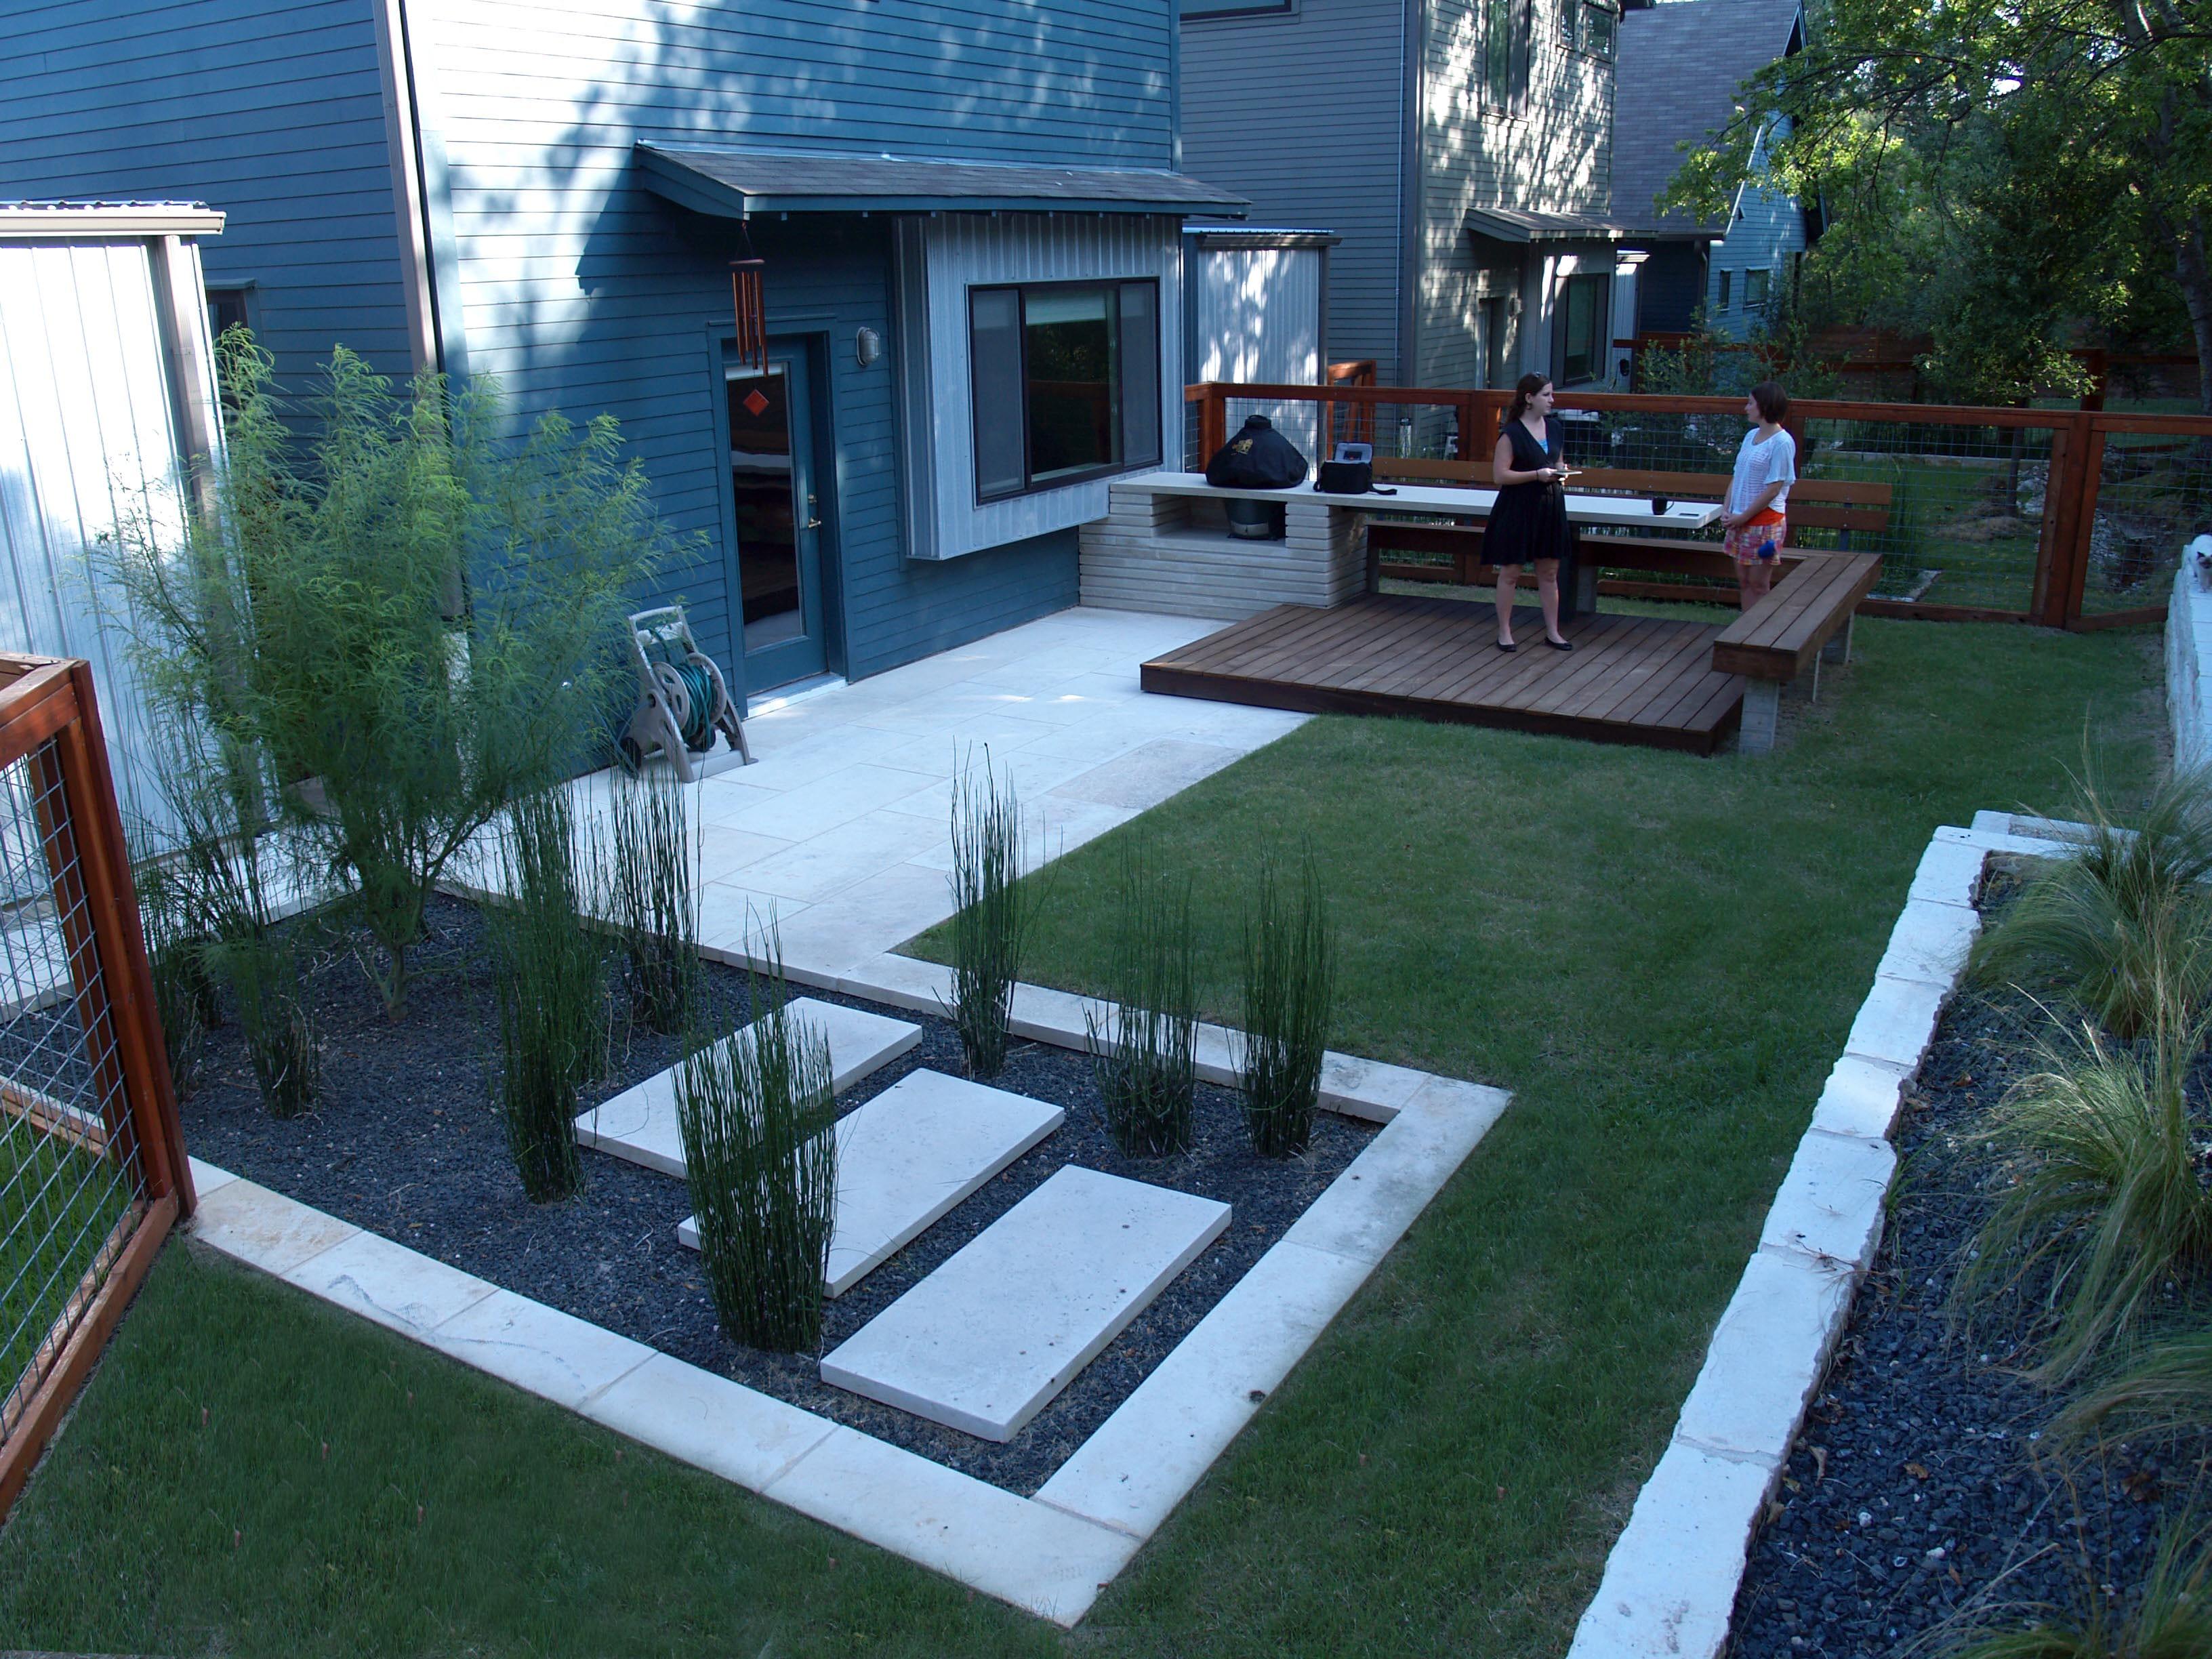 14.SIMPHOME.COM backyard design for backyard landscape design tool sard info pertaining to backyard landscape design tool